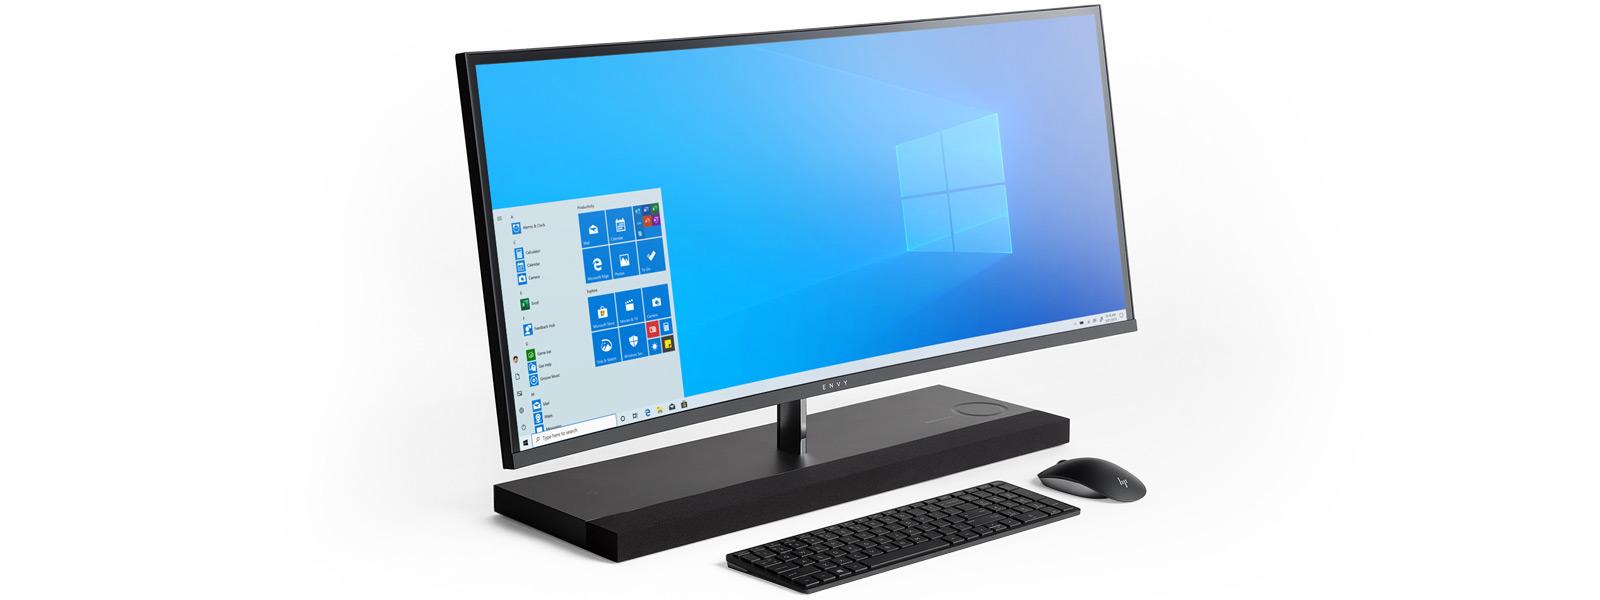 Ordinateur tout-en-un HP ENVY27 affichant un écran d'accueil Windows10 avec un clavier et une souris devant lui